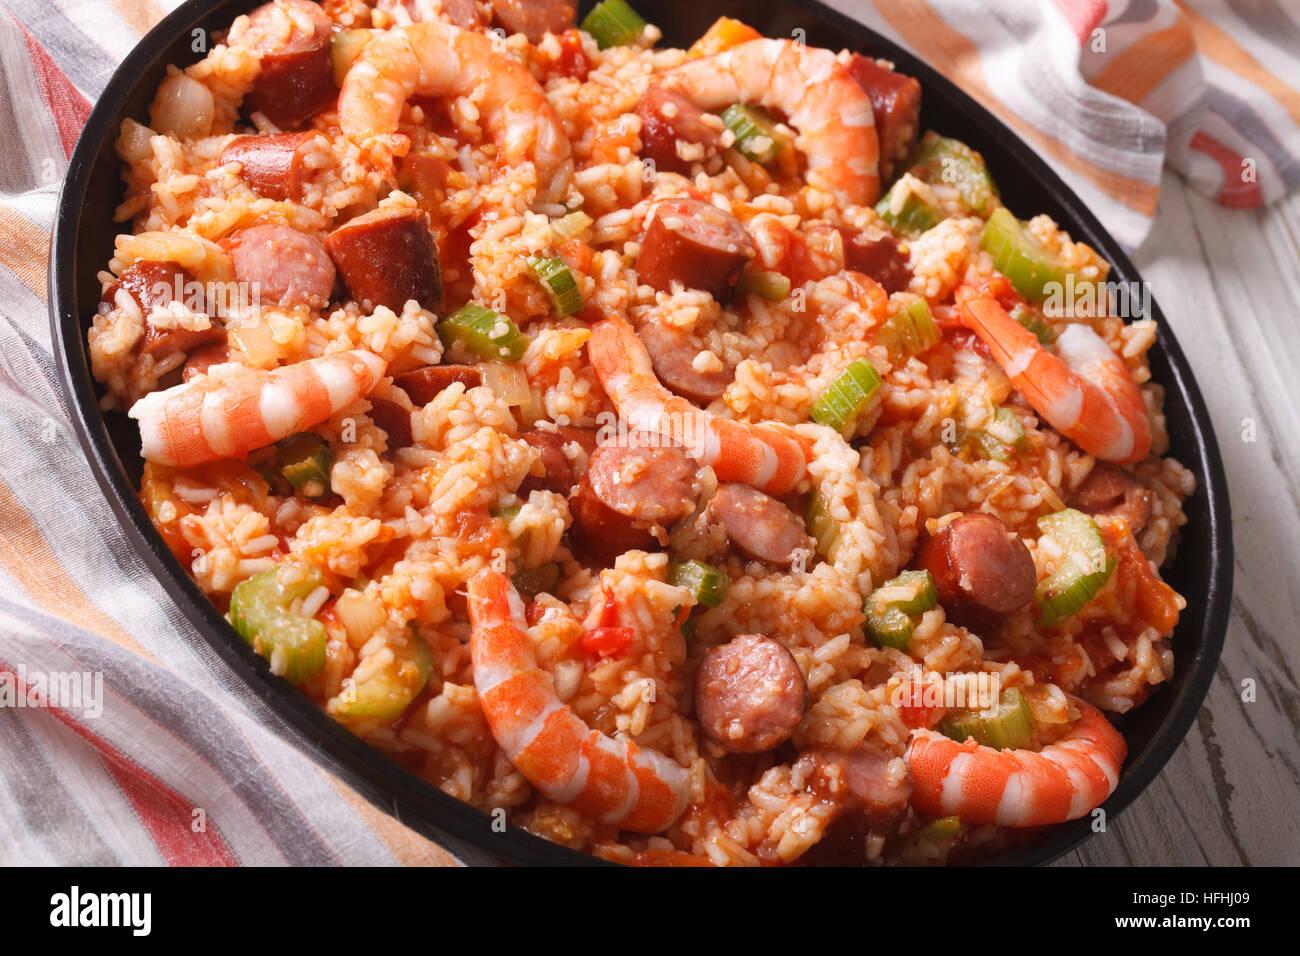 Beau Kreolische Küche: Jambalaya Mit Garnelen Und Wurst Nahaufnahme Auf Einer  Platte. Horizontale